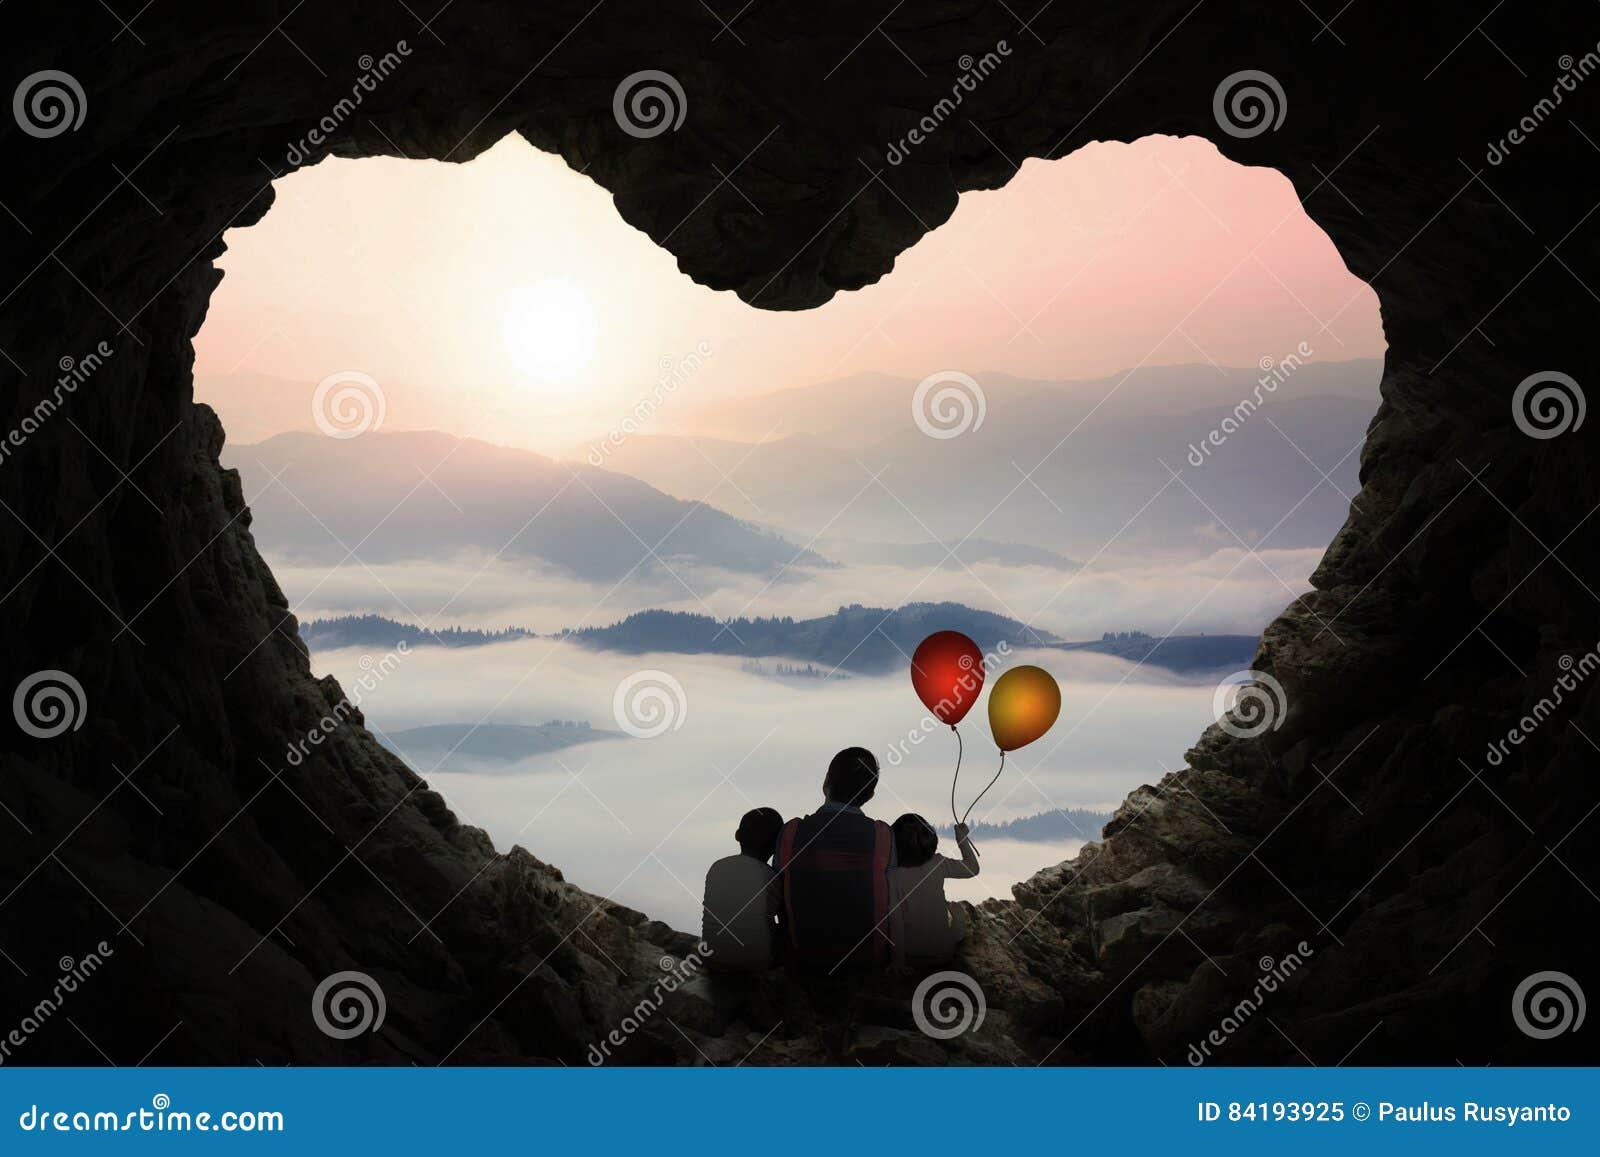 Отец и дети наслаждаются горным видом в пещере